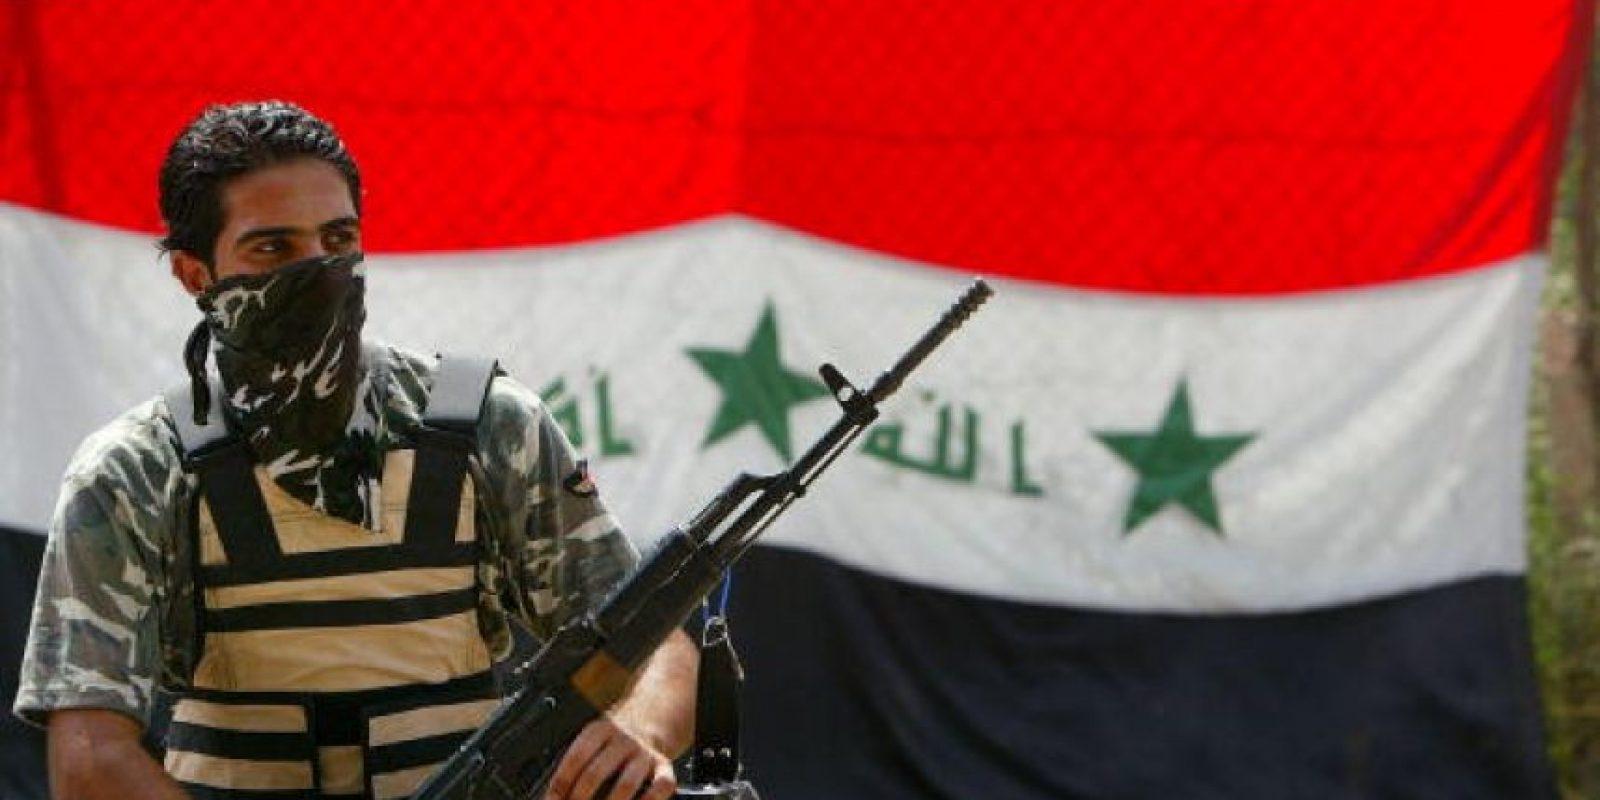 Al Qaeda es una organización paramilitar, yihadista, que emplea prácticas terroristas y se plantea como un movimiento de resistencia islámica al rededor del mundo. Foto:Getty Images